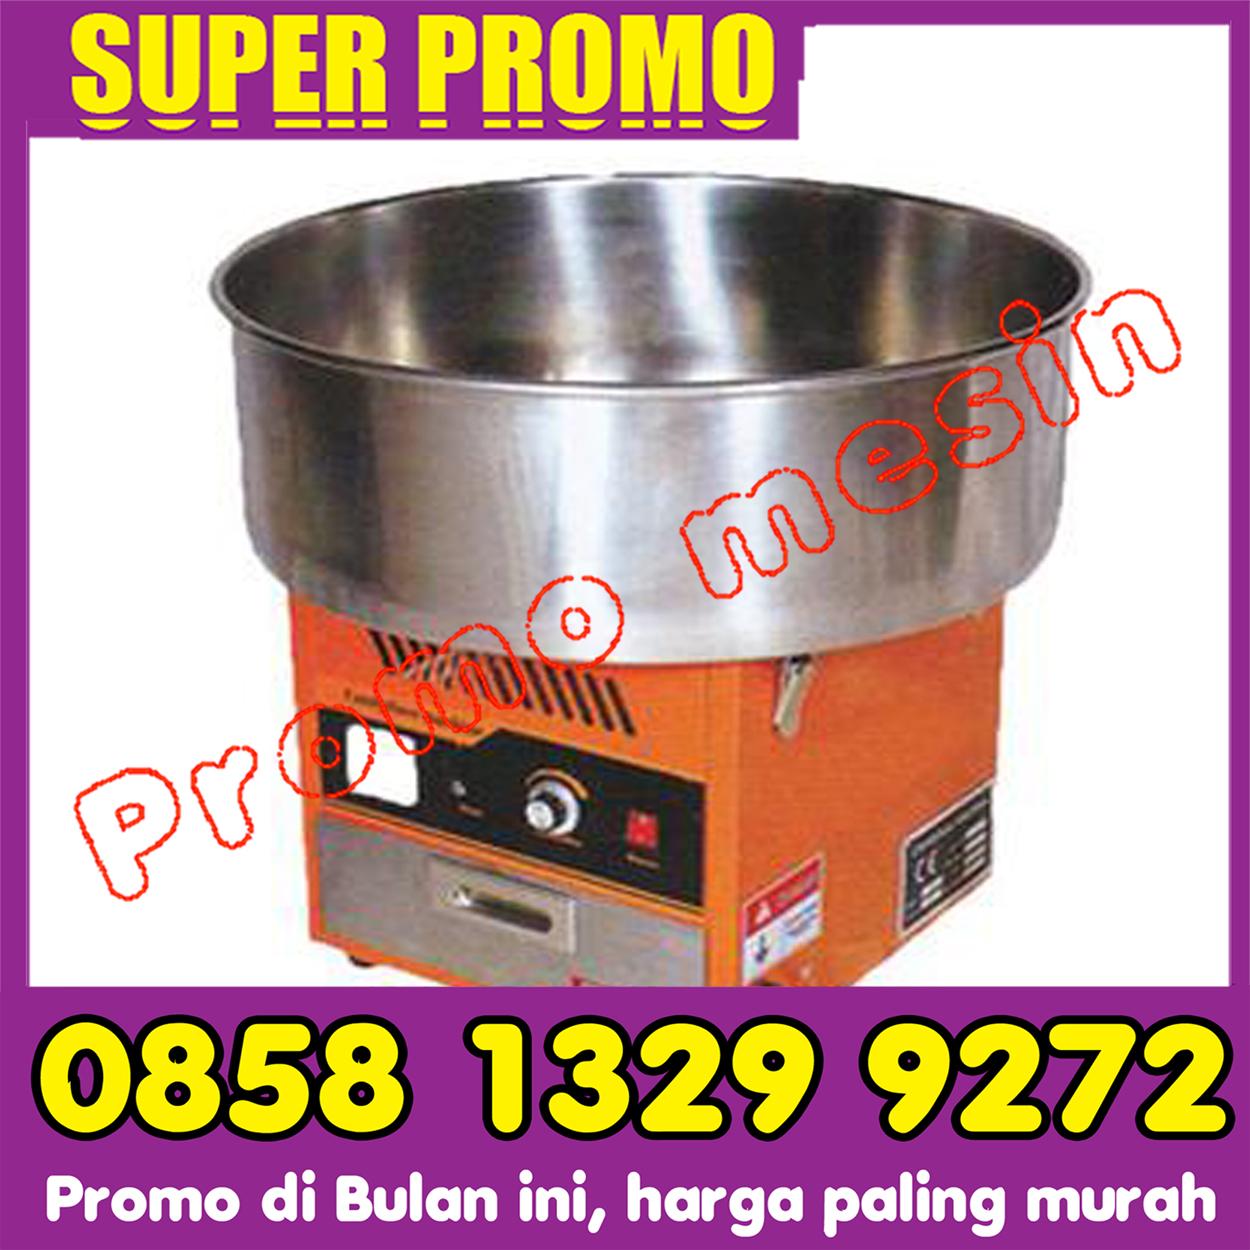 Food Machine Promo Mesin Pembuat Susu Kedelai Mini Otomatis Rumah Tangga Merk Fomac Arumanis Gula Kapas Gulali Listrik Ccd Emf01